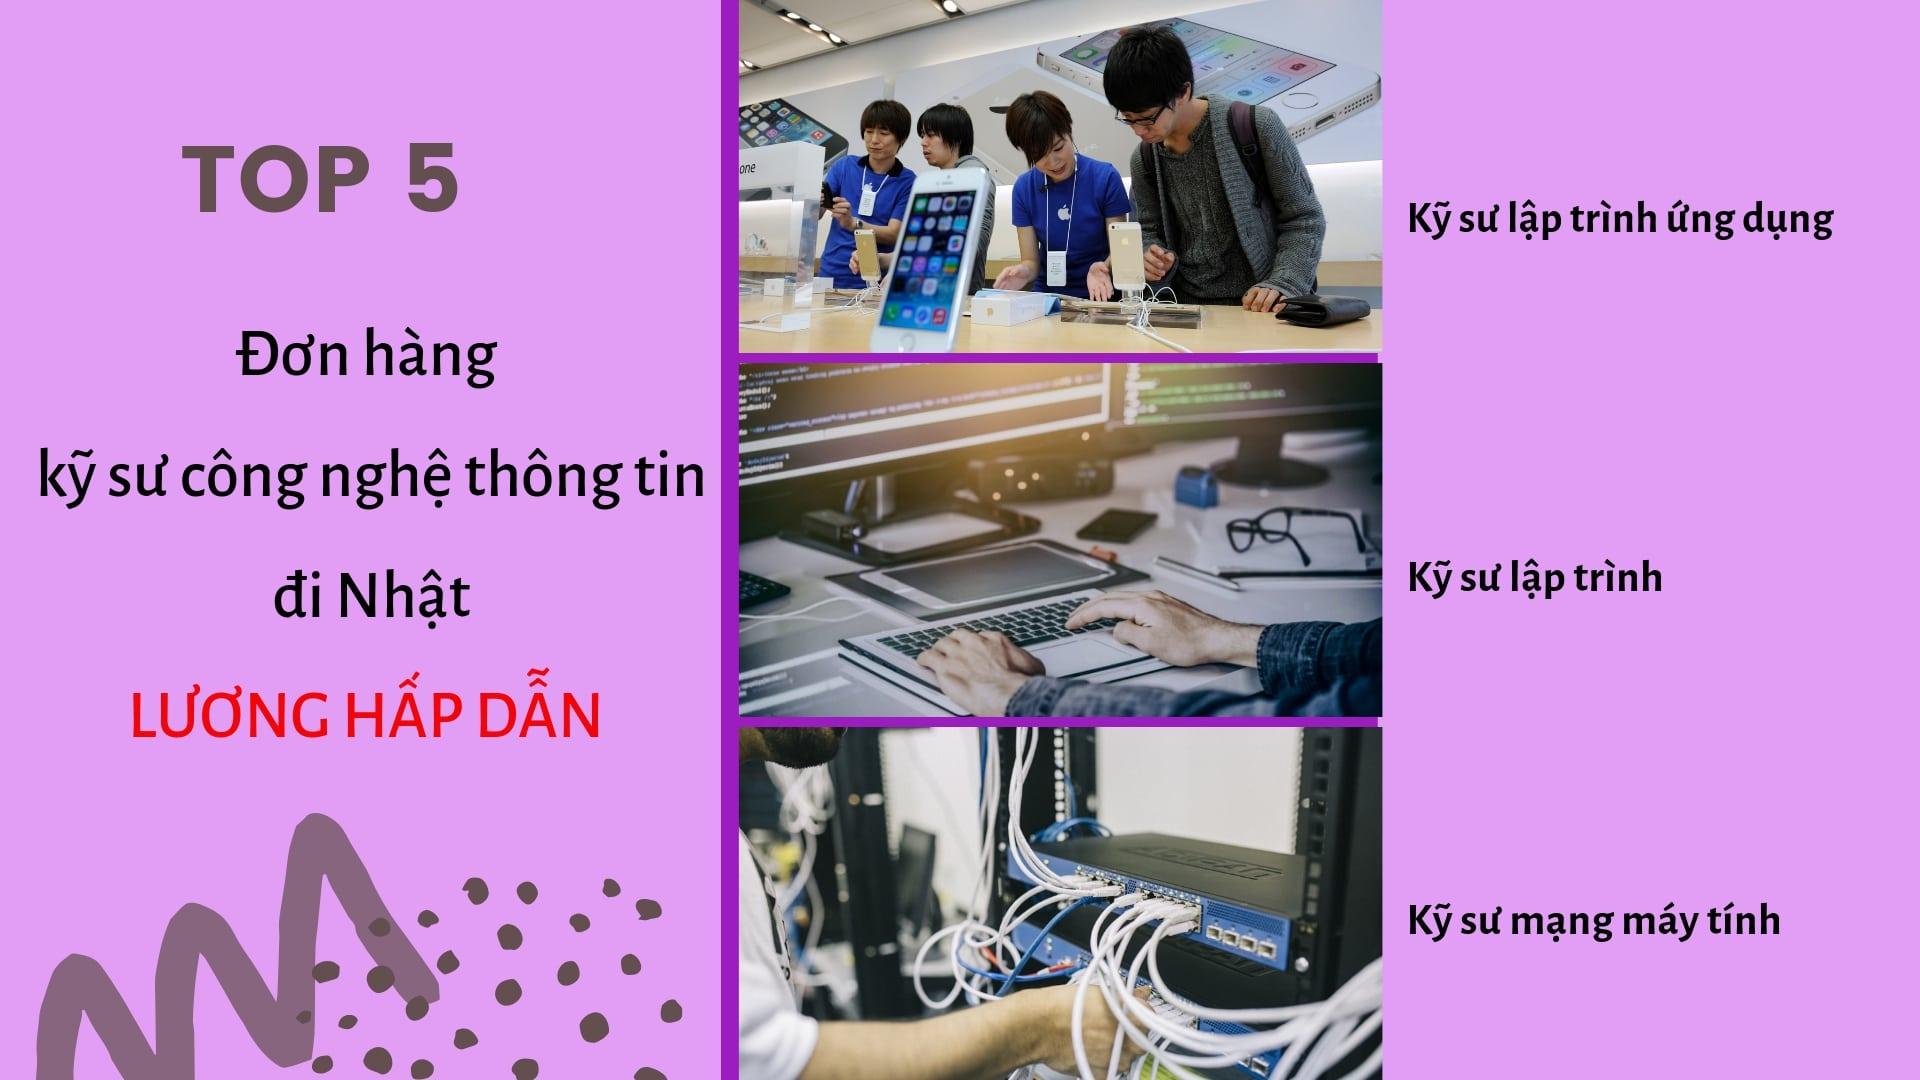 TOP 5 đơn hàng kỹ sư công nghệ thông tin đi Nhật TỐT NHẤT tháng 07/2021